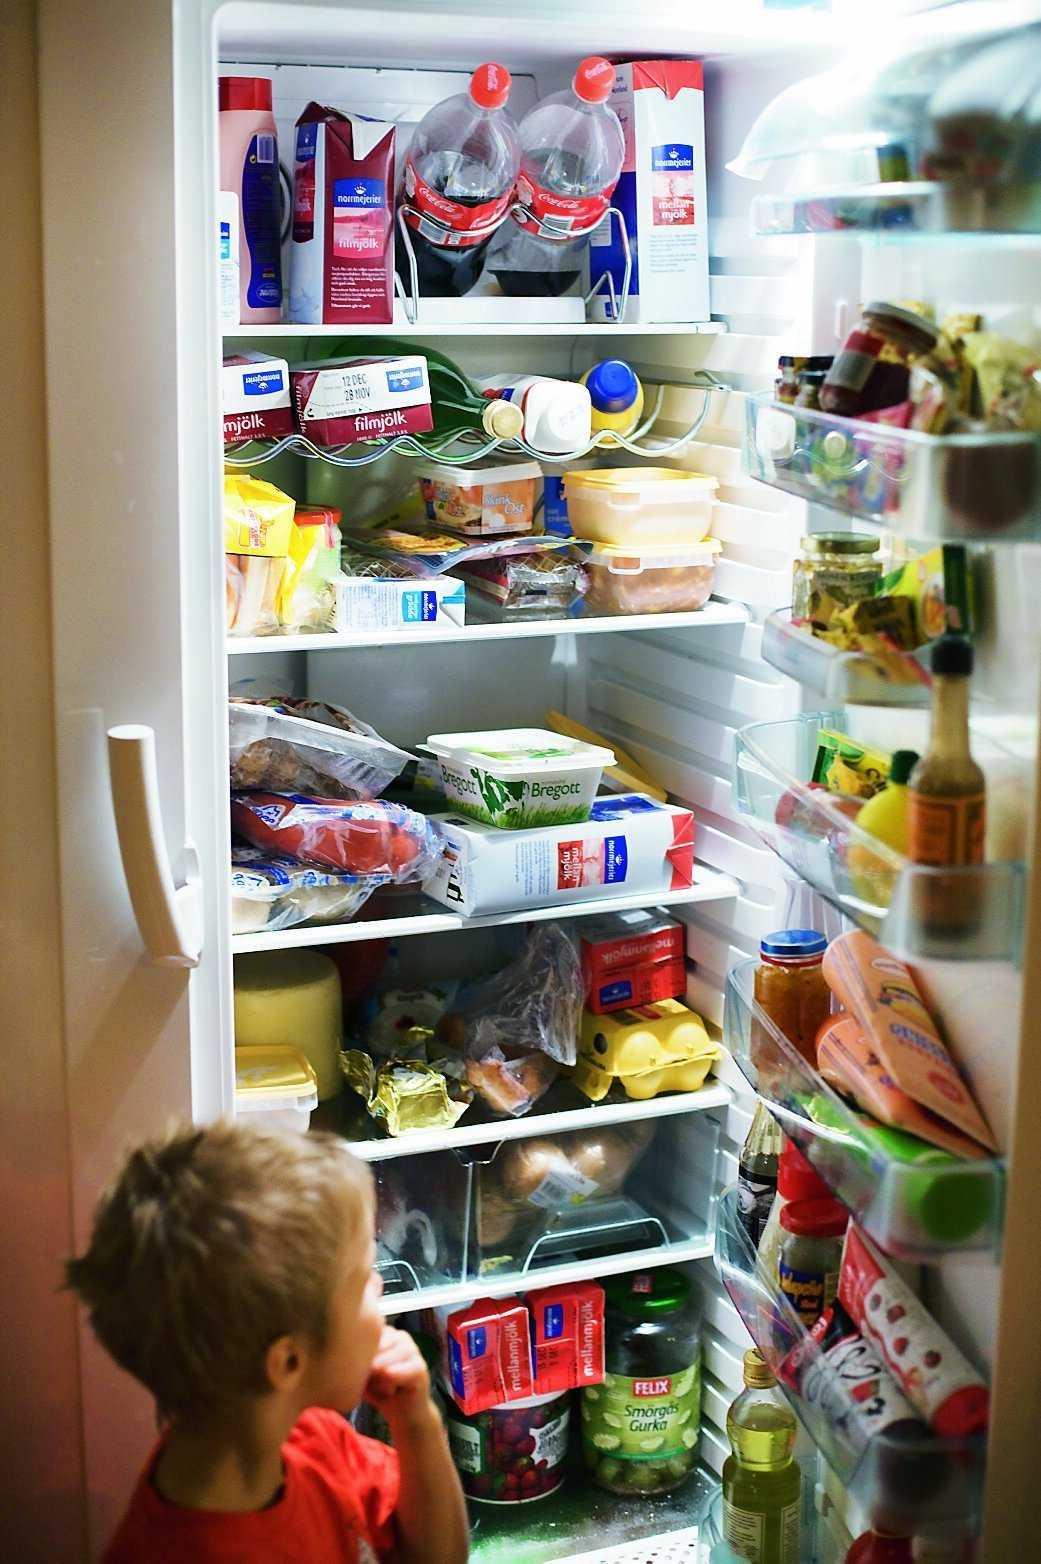 Nilo kikar in i familjens välfyllda kylskåp. Barnen dricker tio liter mjölk i veckan och det går åt massor med mat.